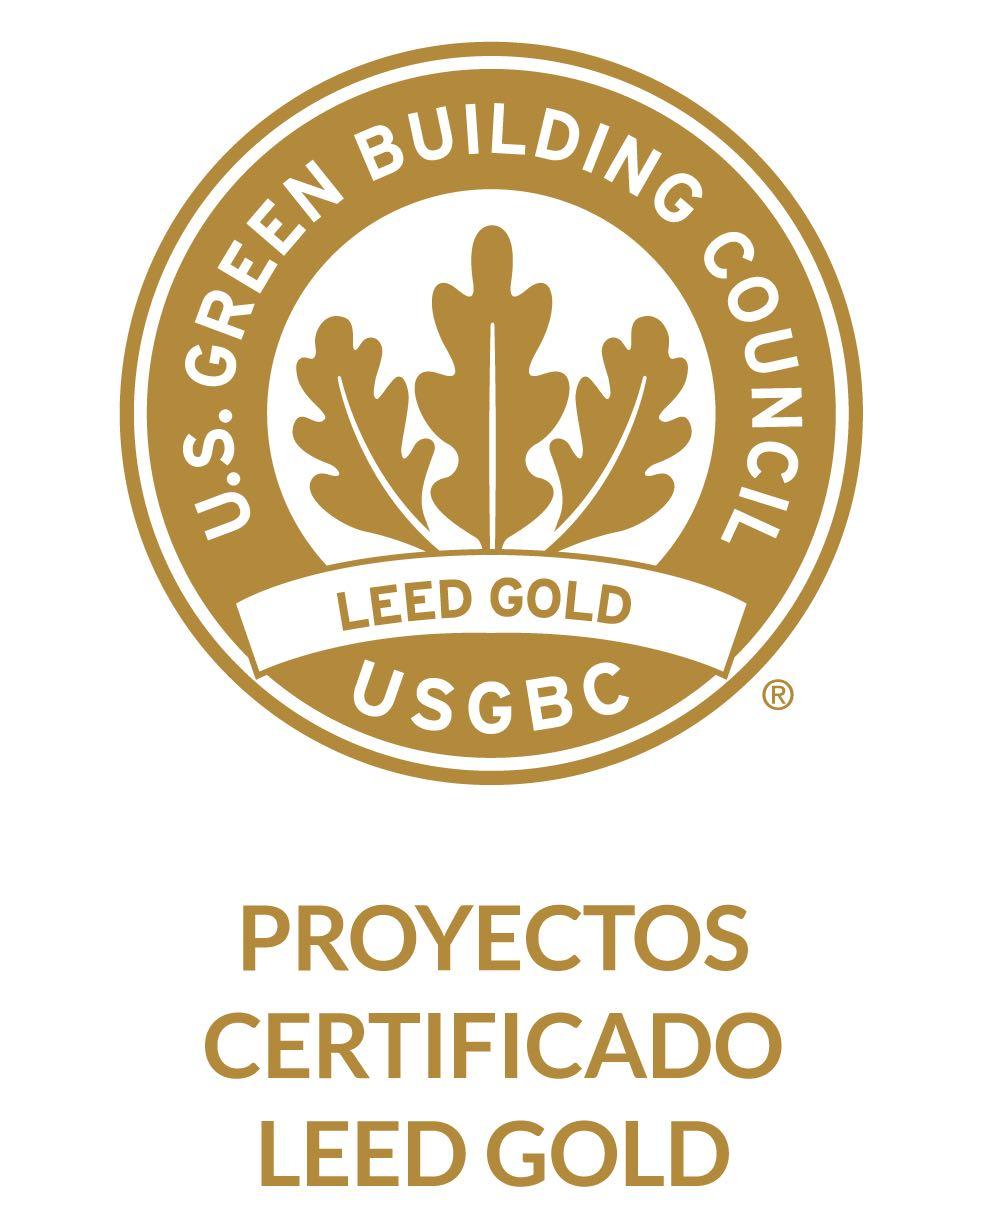 proyectos certificado gold oro green building bioconstrucción